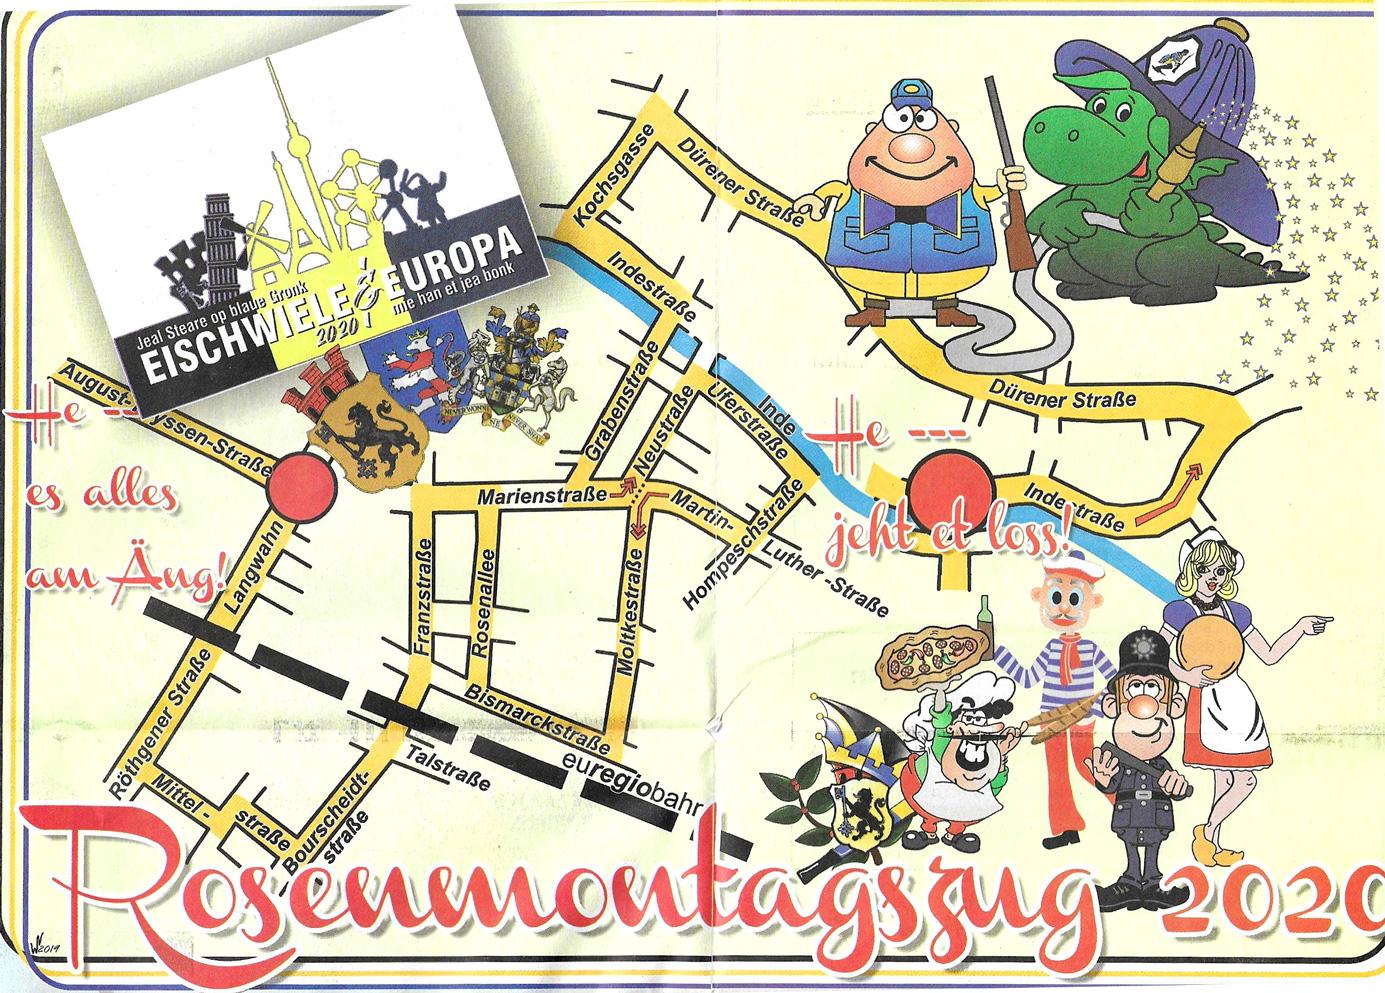 Rosenmontagszug 2020, Karneval in Eschweiler